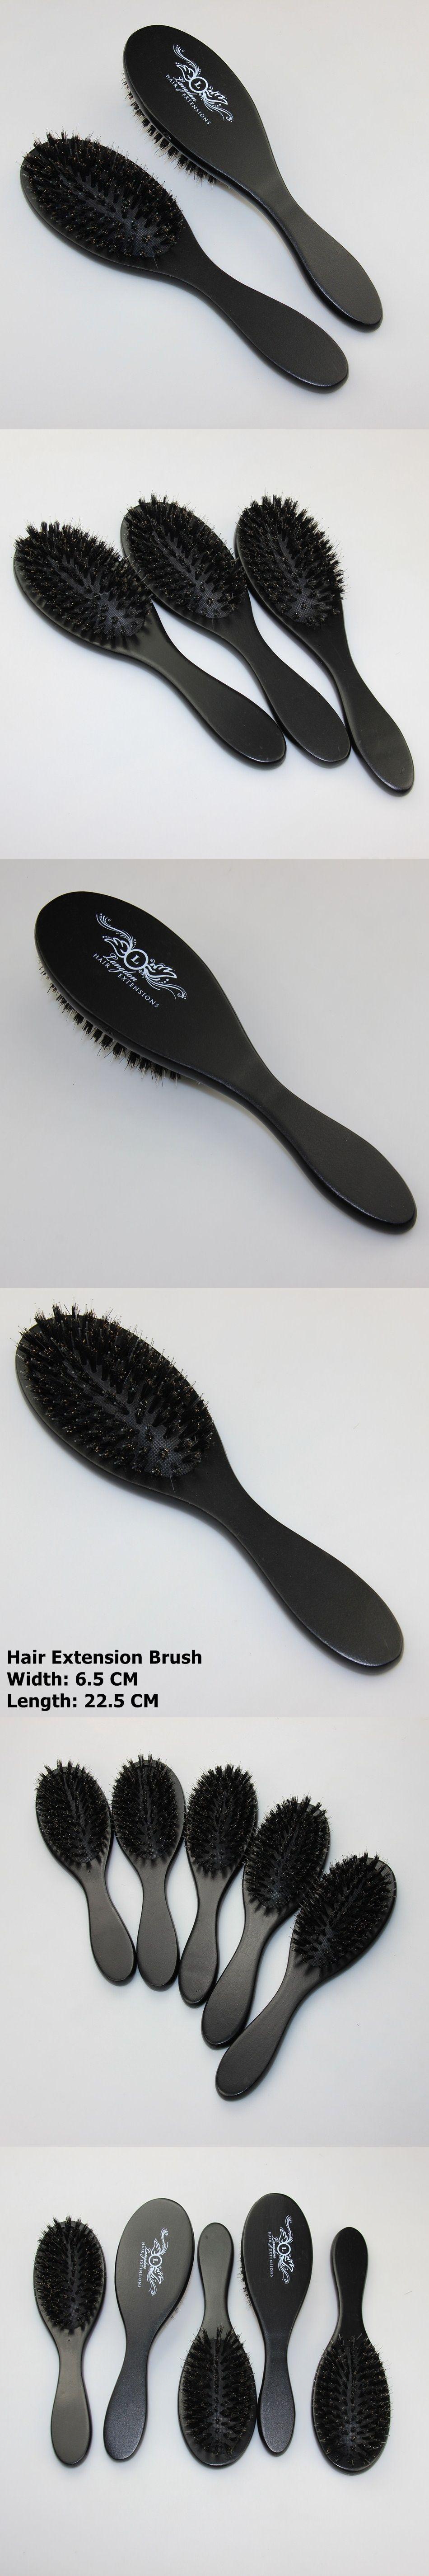 Dark Brown Color Hair Extension Loop Brushhair Comb For Tangled